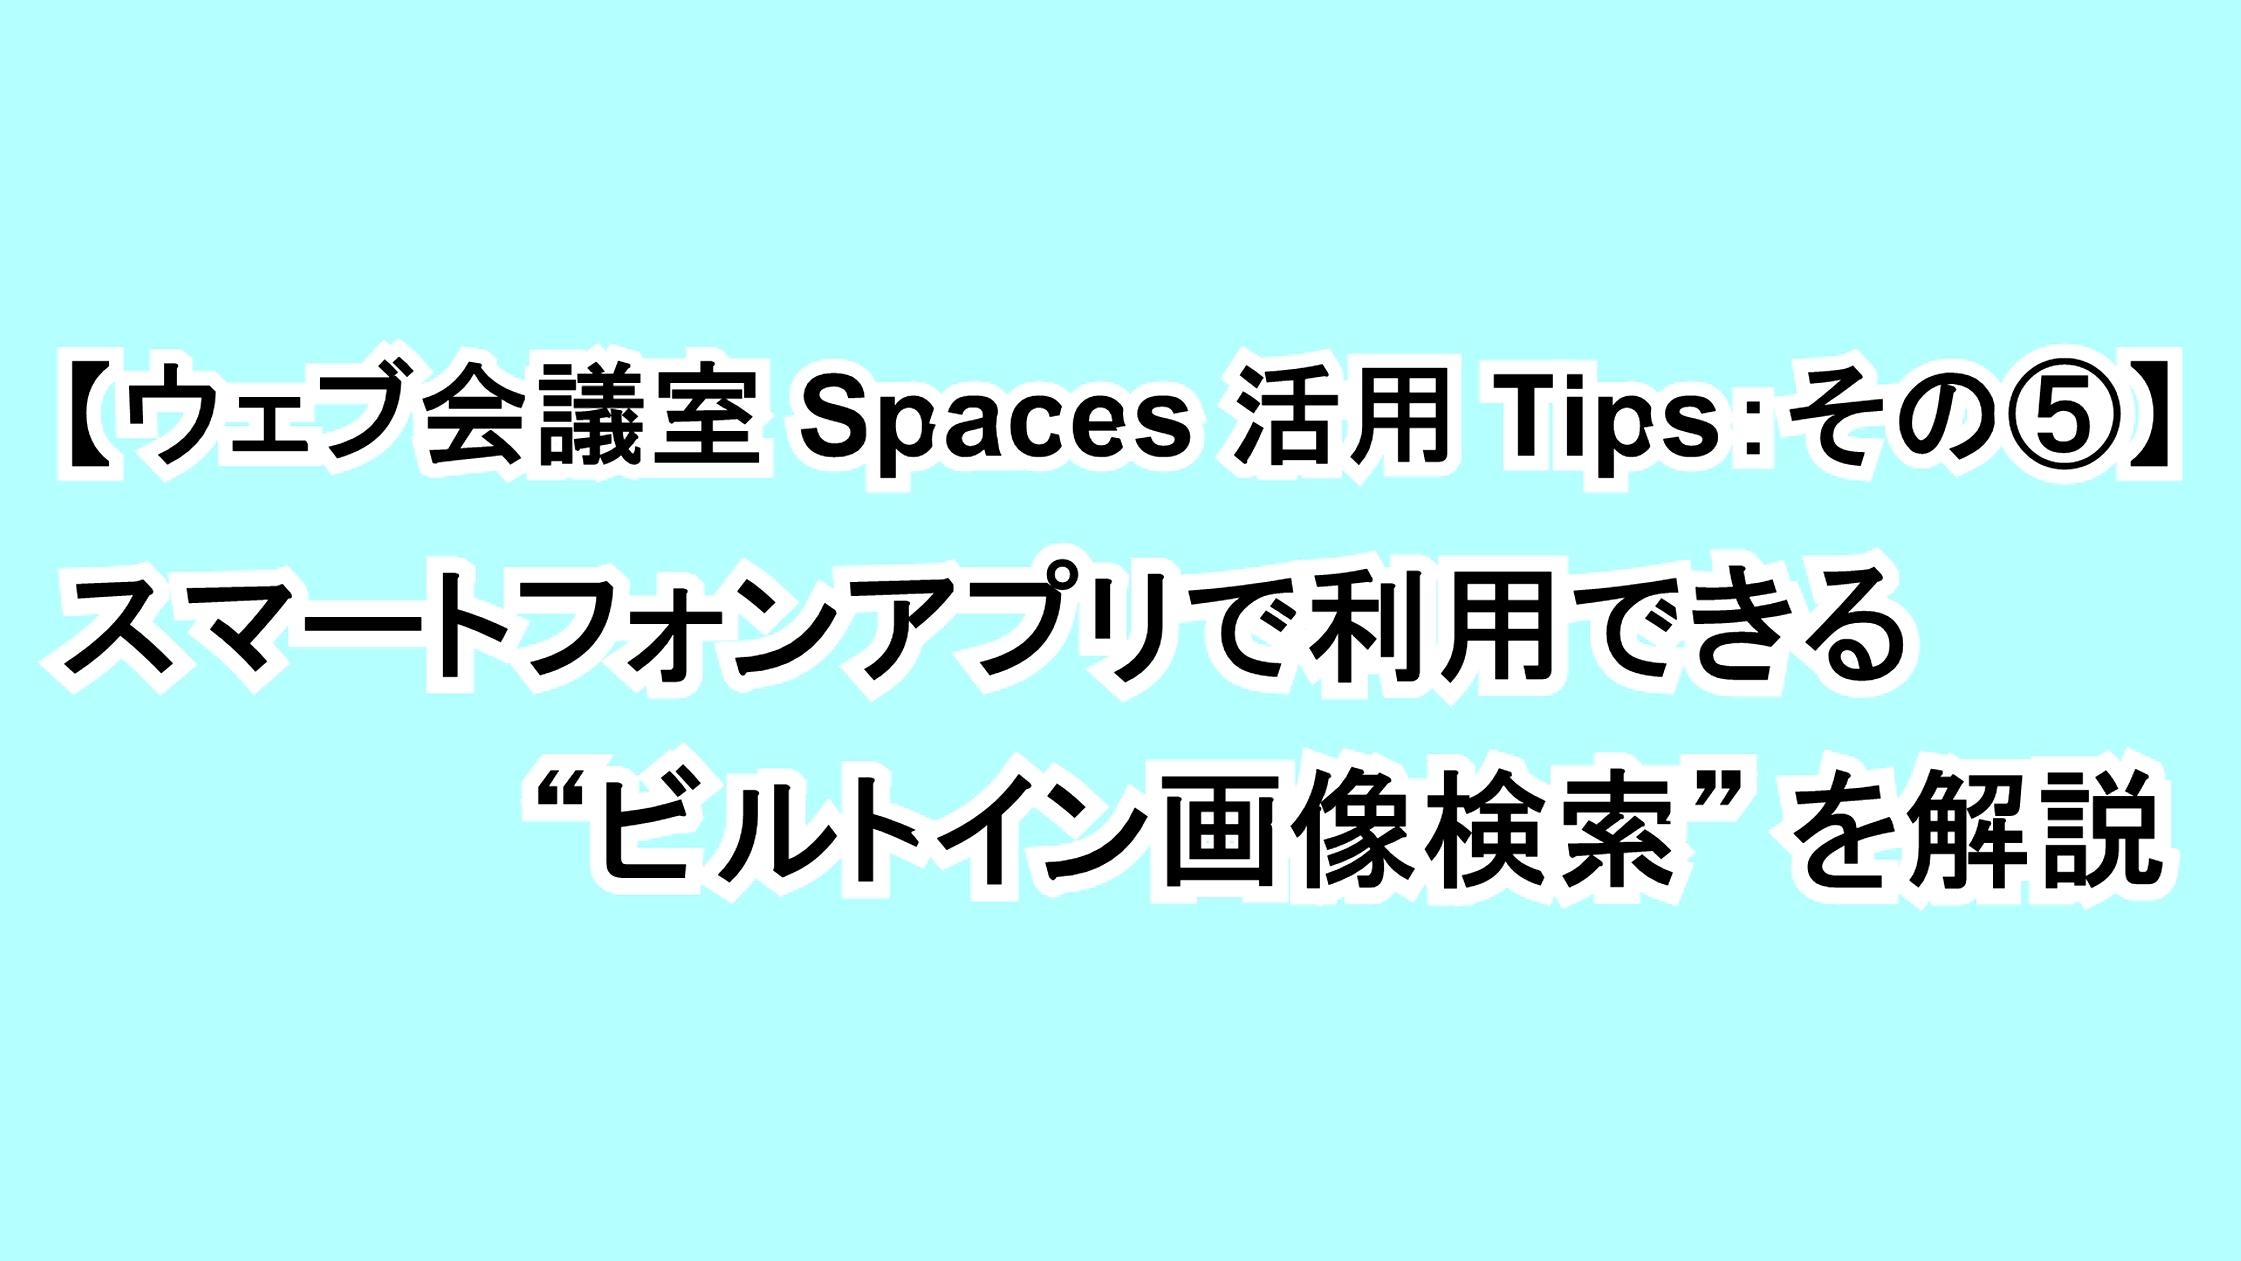 """【ウェブ会議室Spaces活用Tips:その⑤】スマートフォンアプリで利用できる""""ビルトイン画像検索""""を解説"""